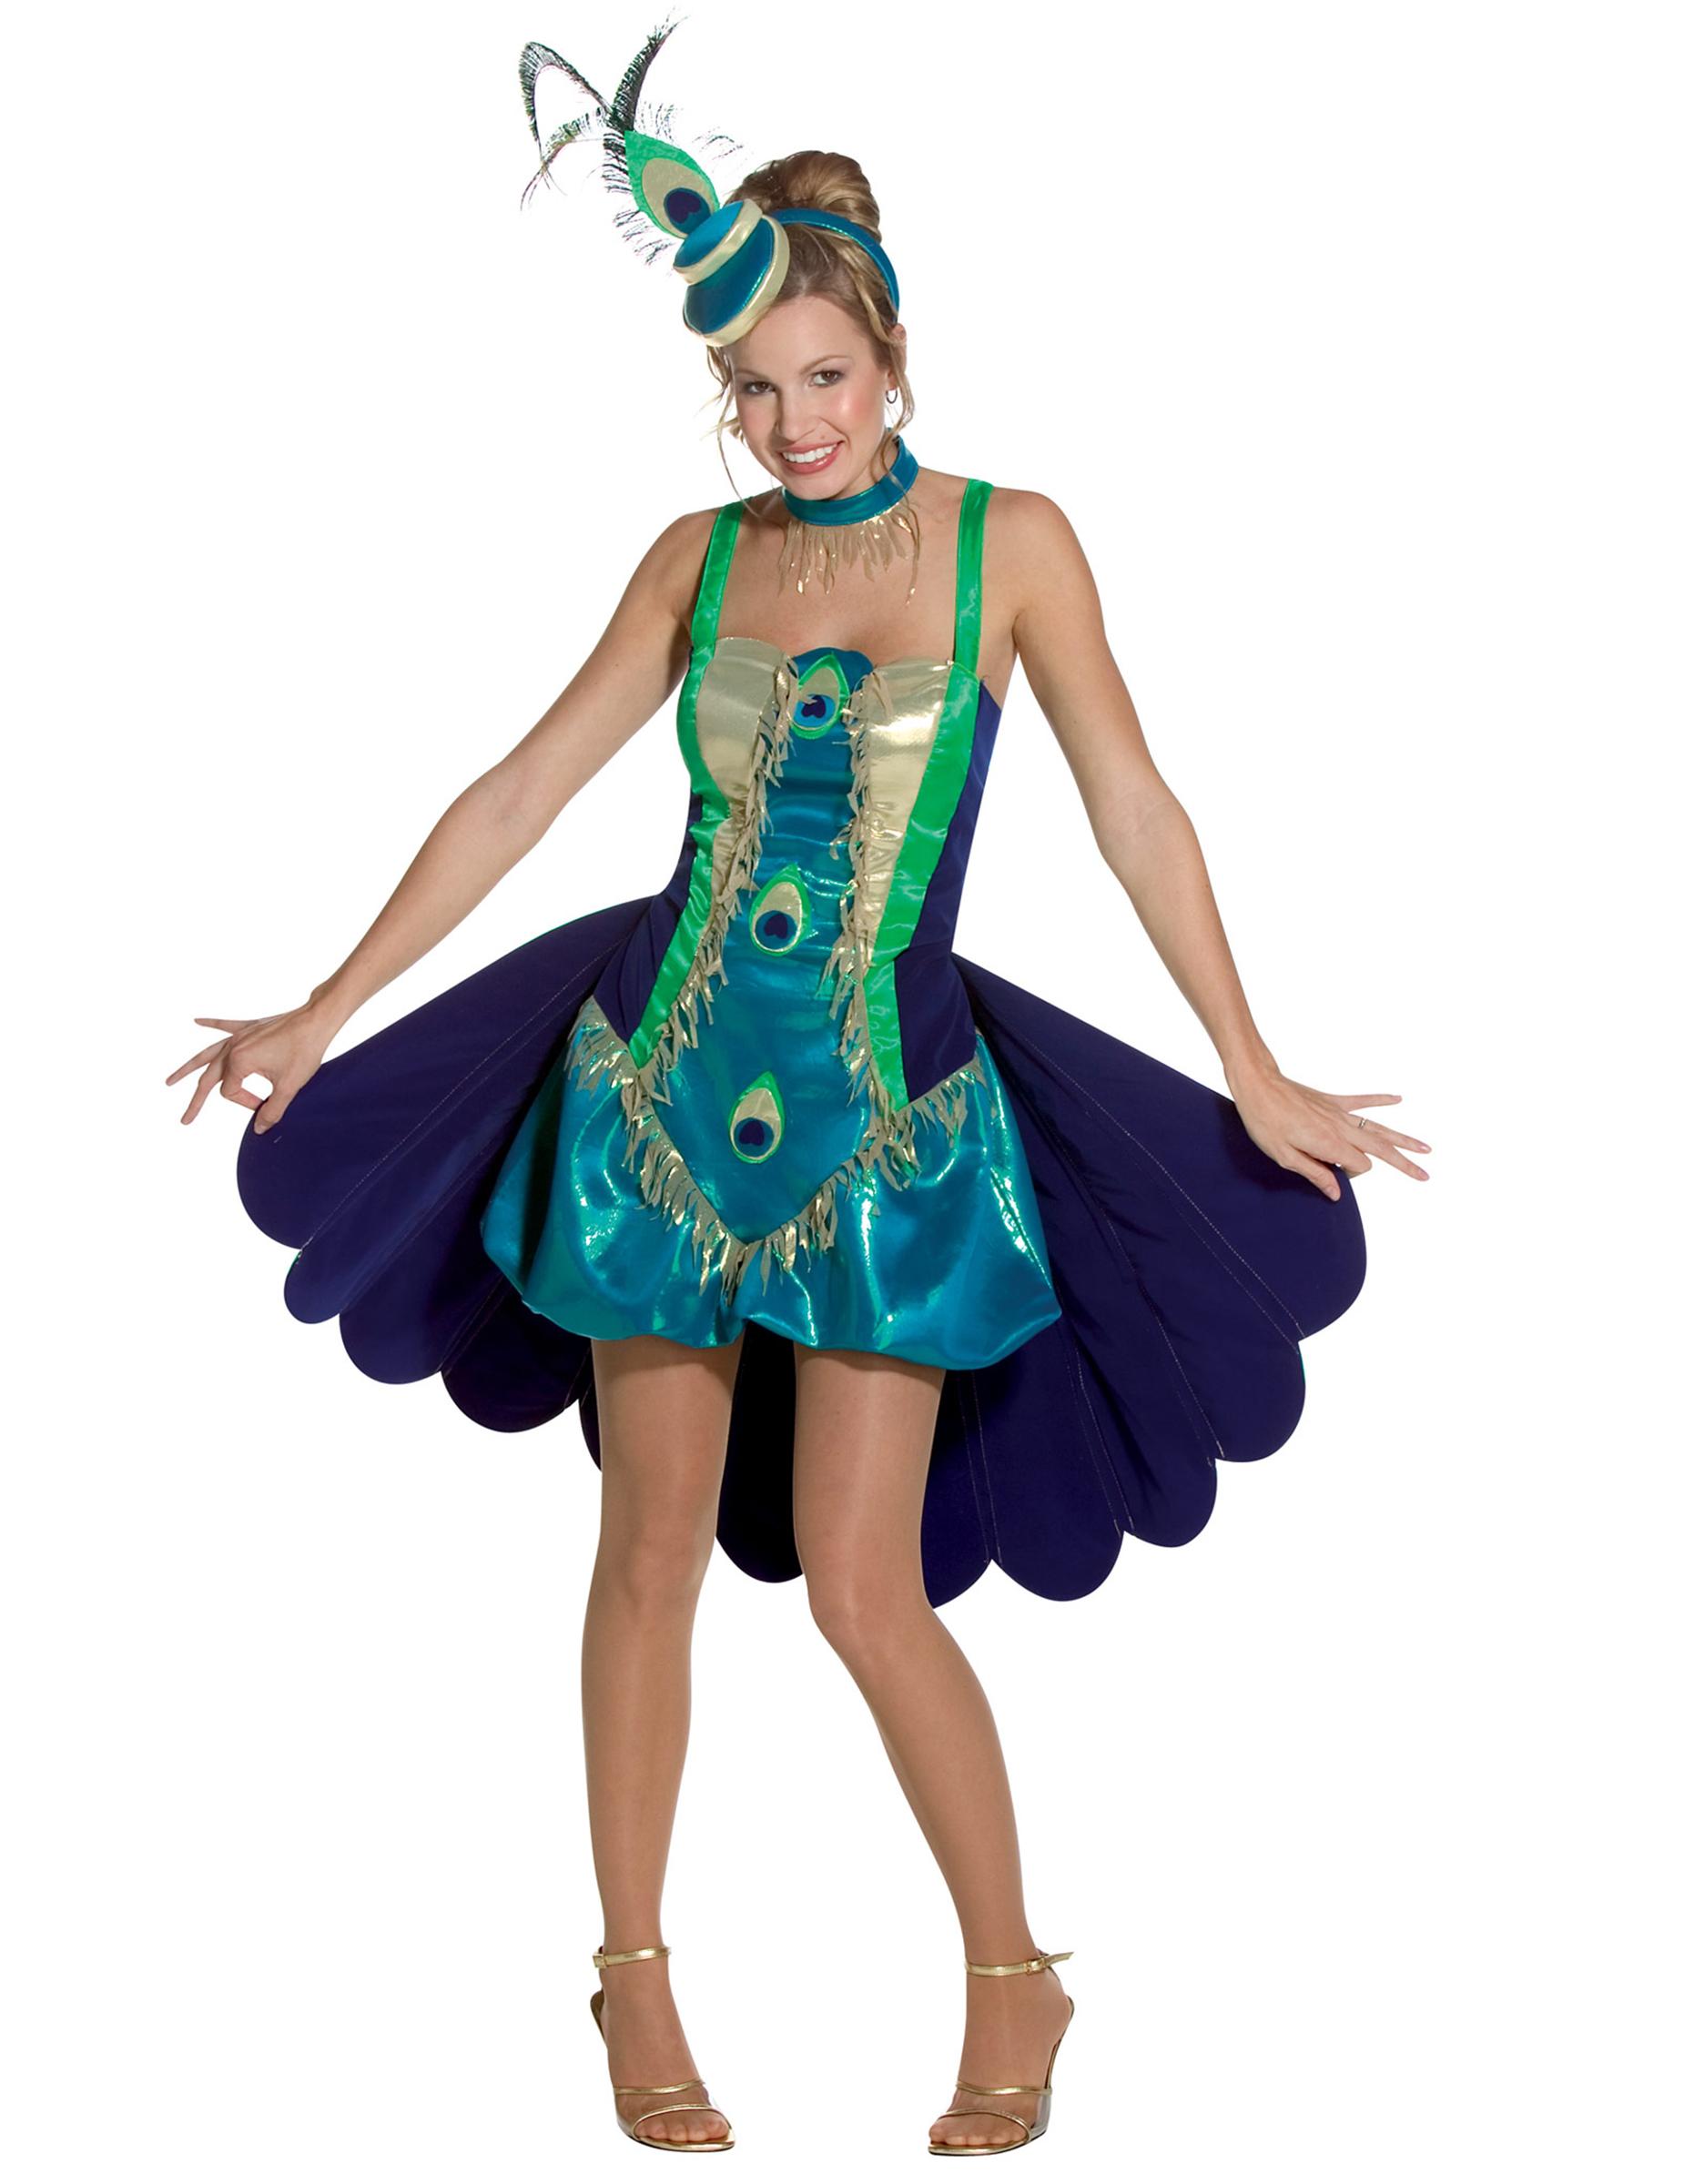 Pfau Kostüm Karneval DeluxeGünstige Megastore Faschings Kostüme Bei OXTkZPiu